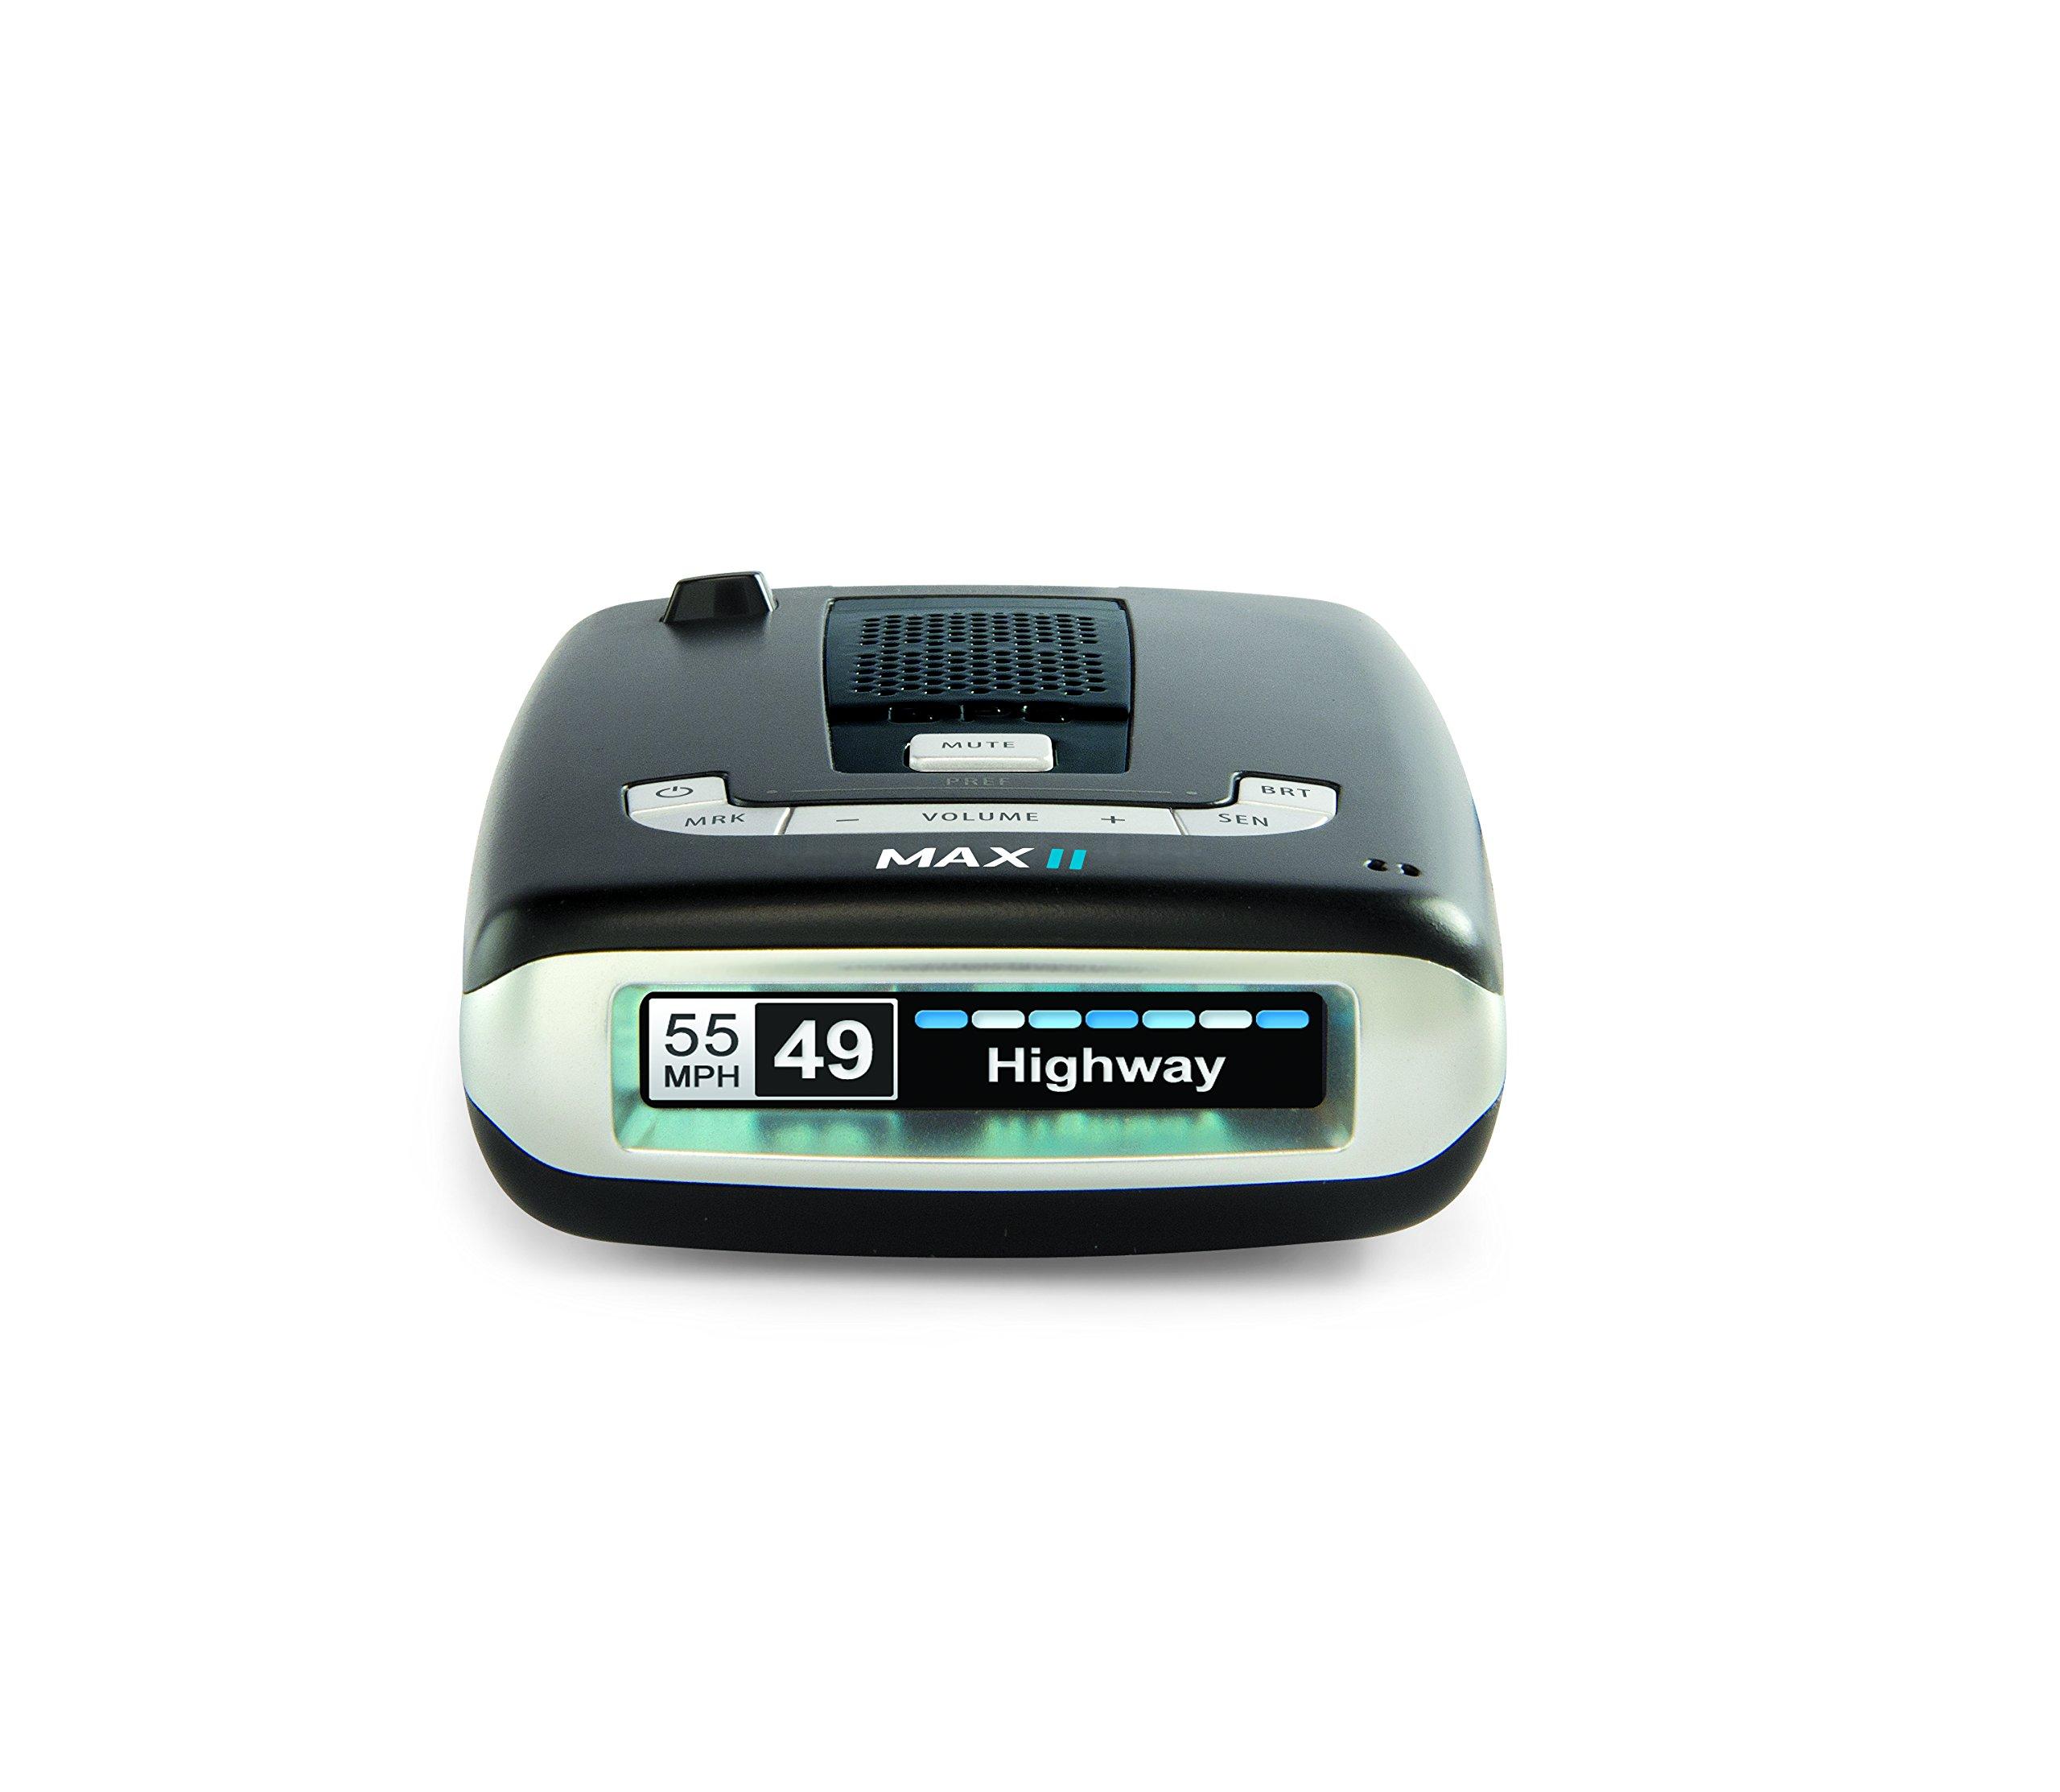 Escort Max HD Radar Detector